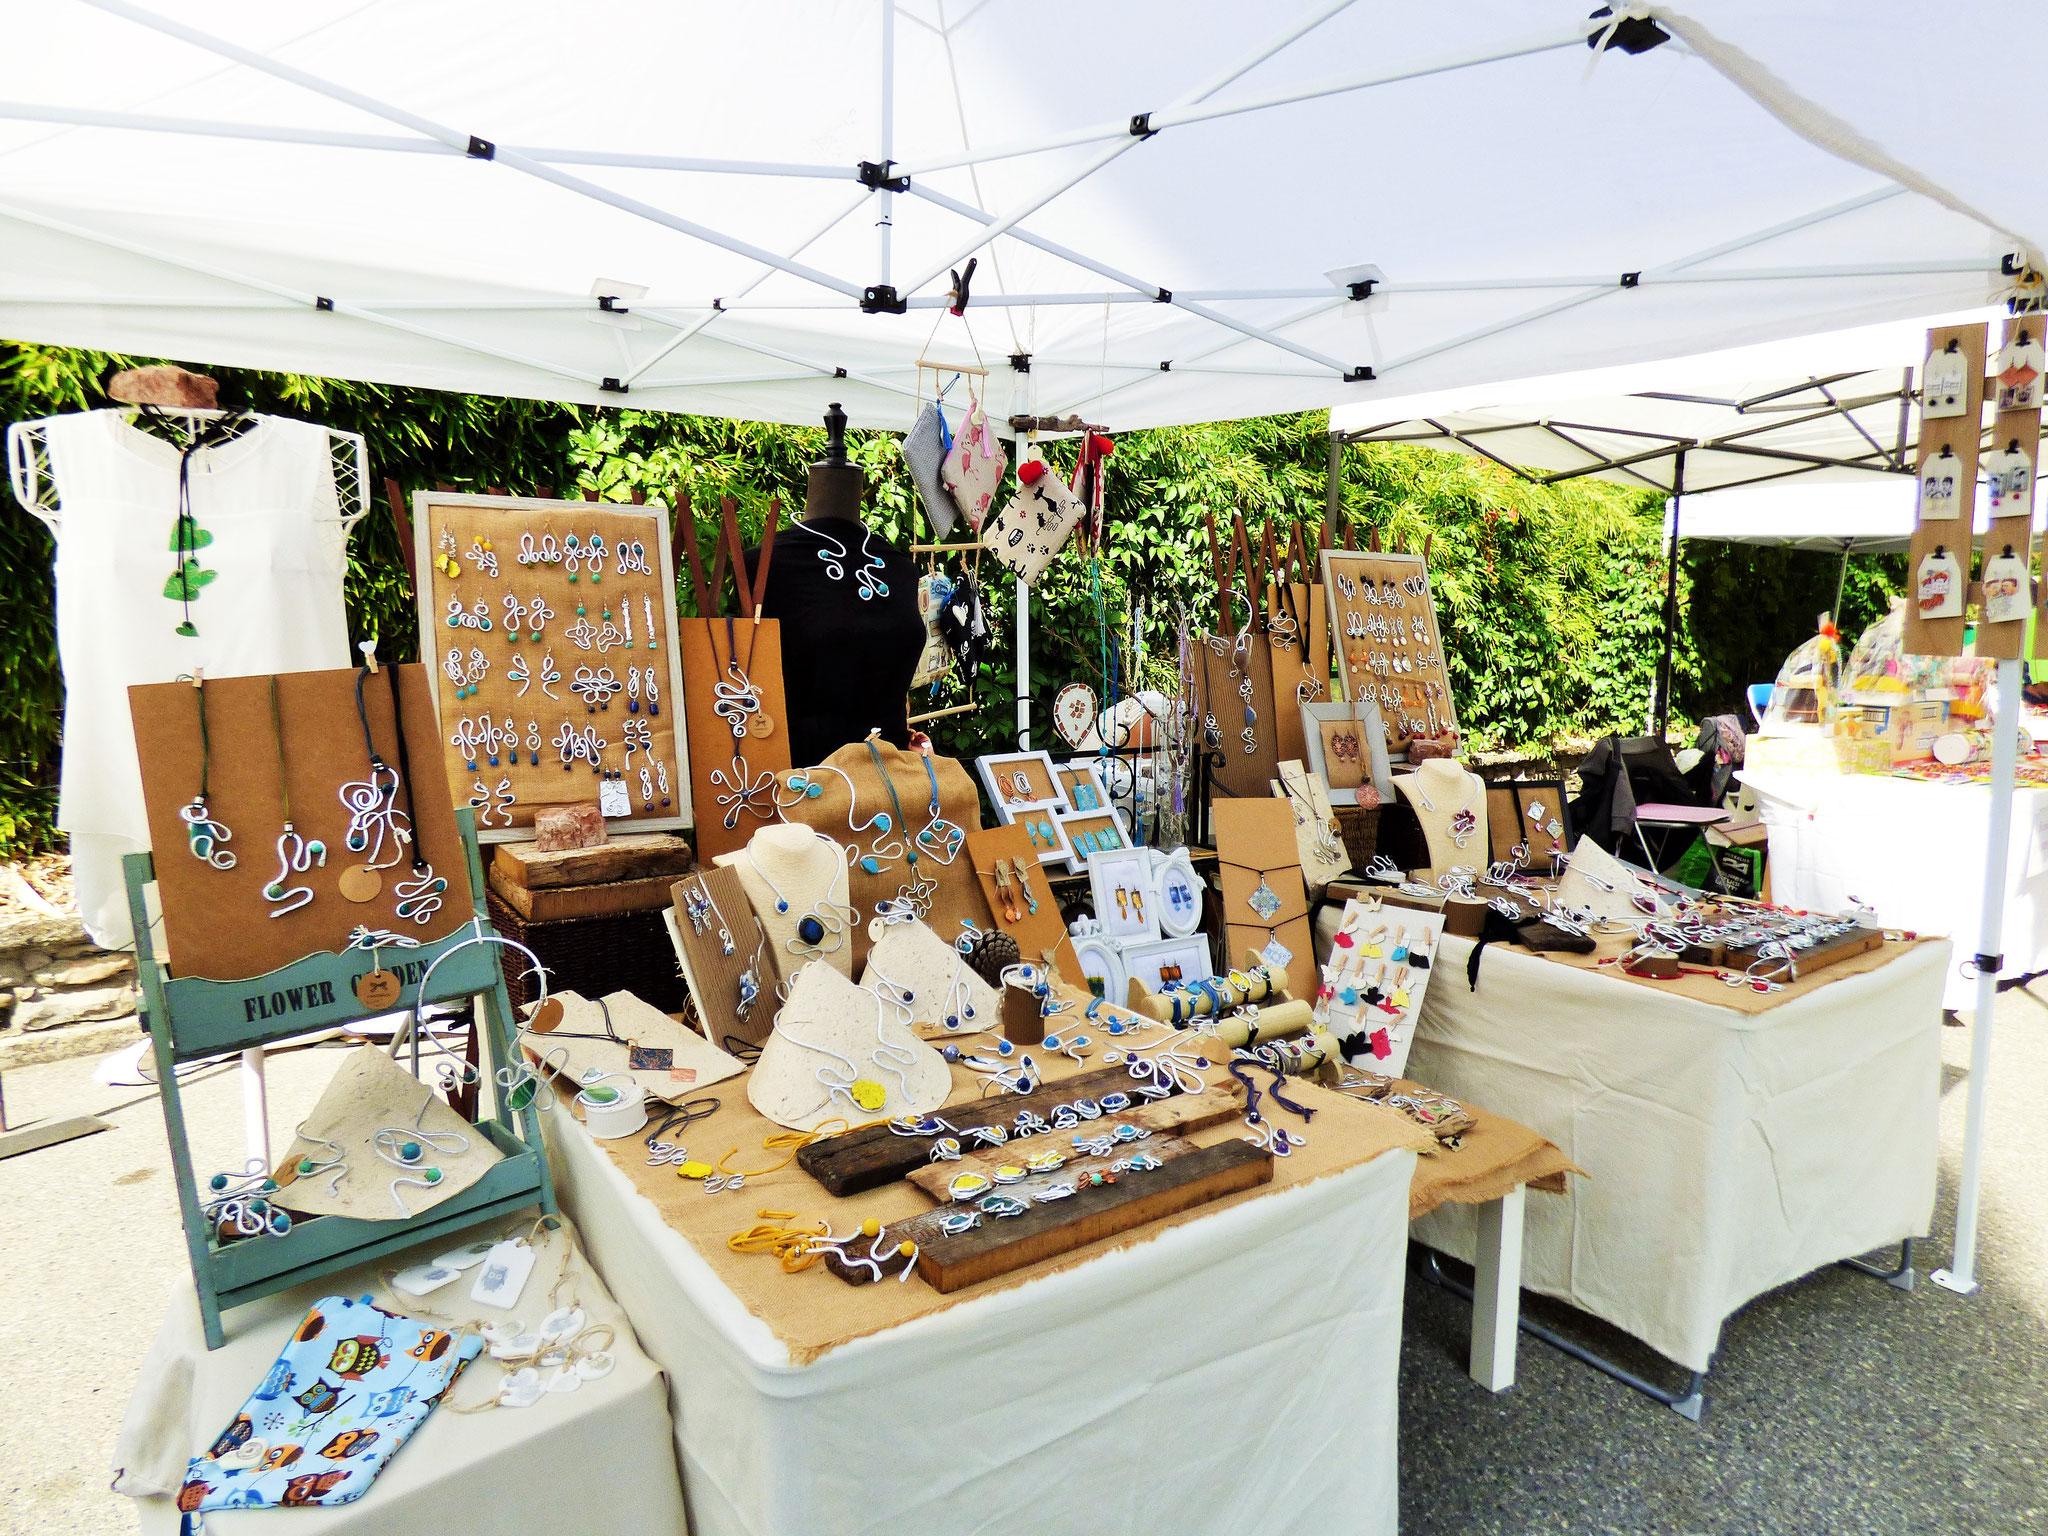 Rivergaro 9 settembre  ArTre in piazza con Laboratori creativi  e mercatino artigianale